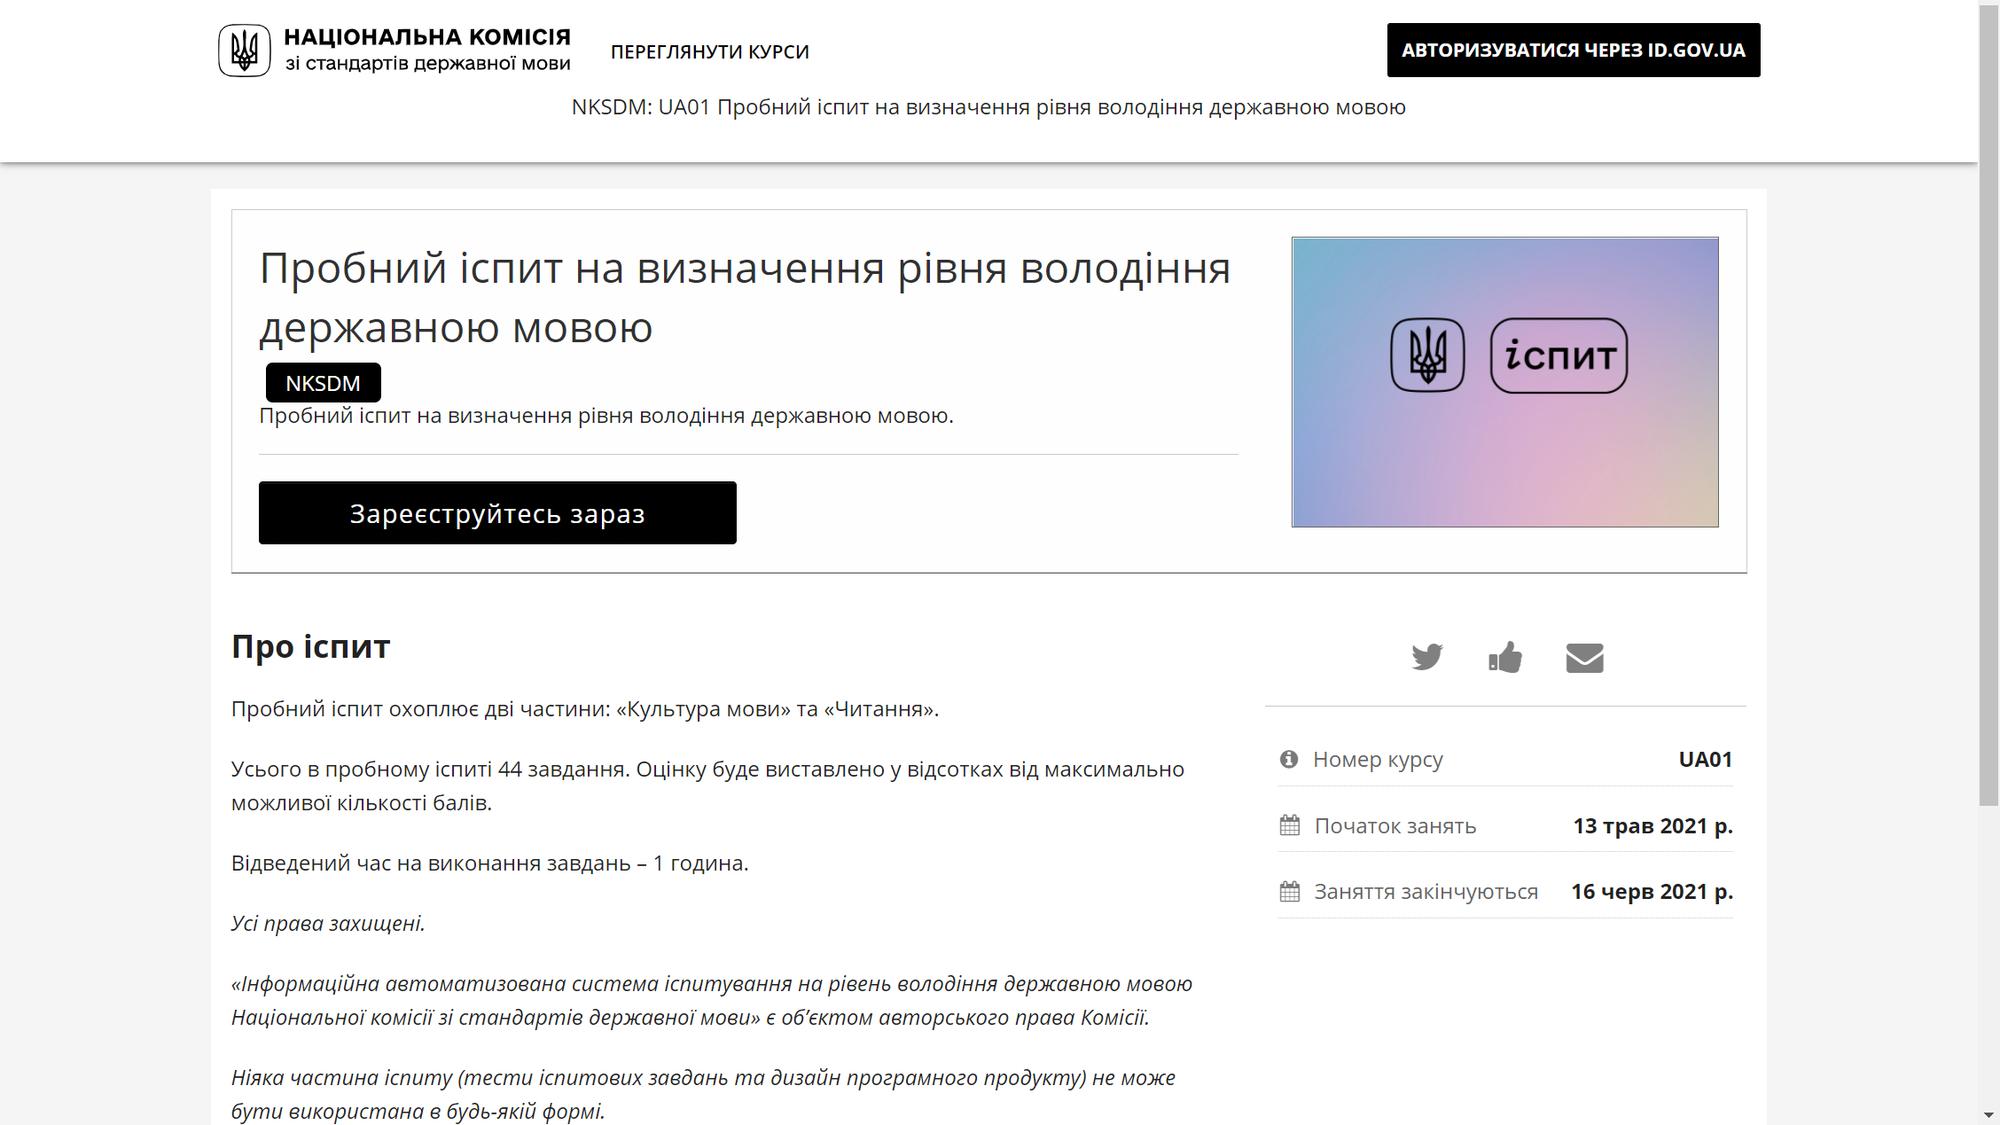 Як зареєструватися для проходження іспиту на визначення рівня володіння українською мовою